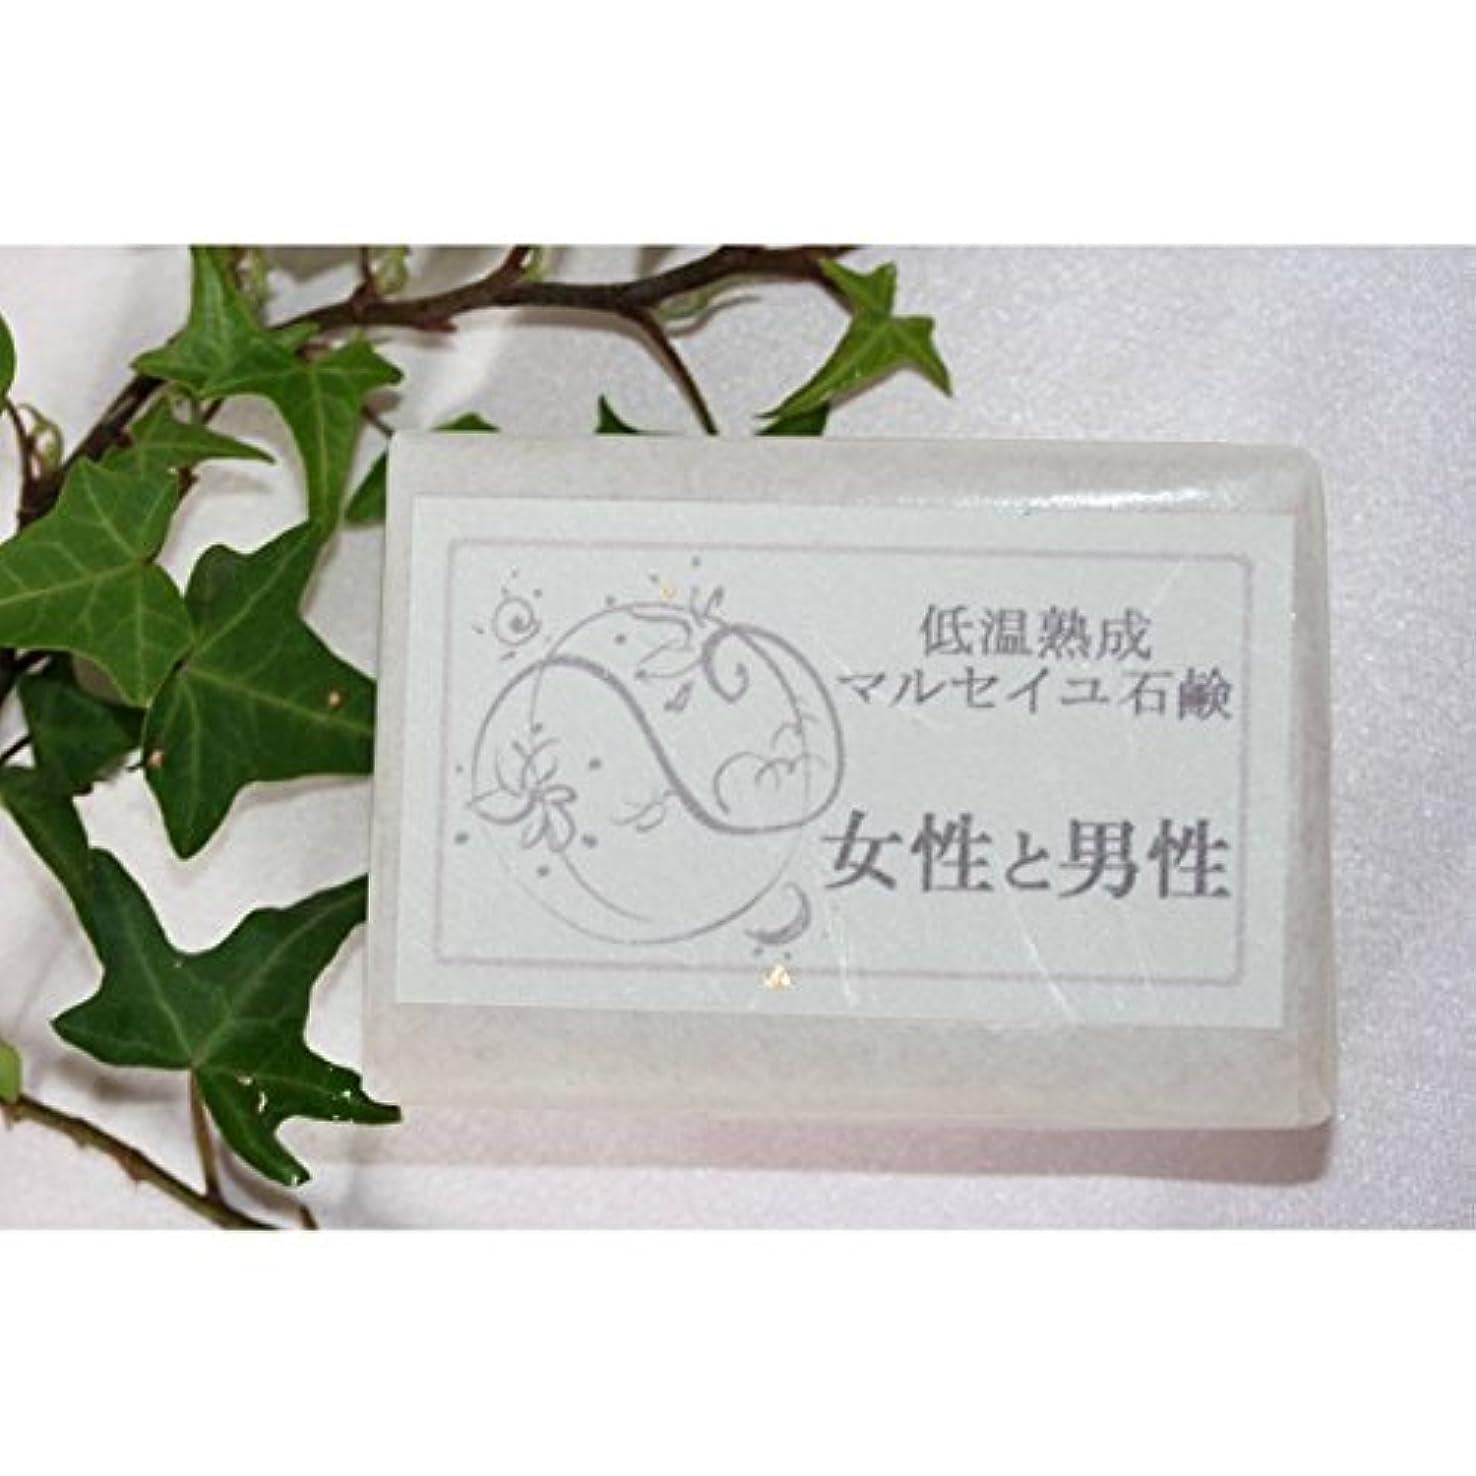 ランデブーシード最適マウントフジ フラワーエッセンス 低温熟成 マルセイユ石鹸 女性と男性 (MTFUJI FLOWER ESSENCES)